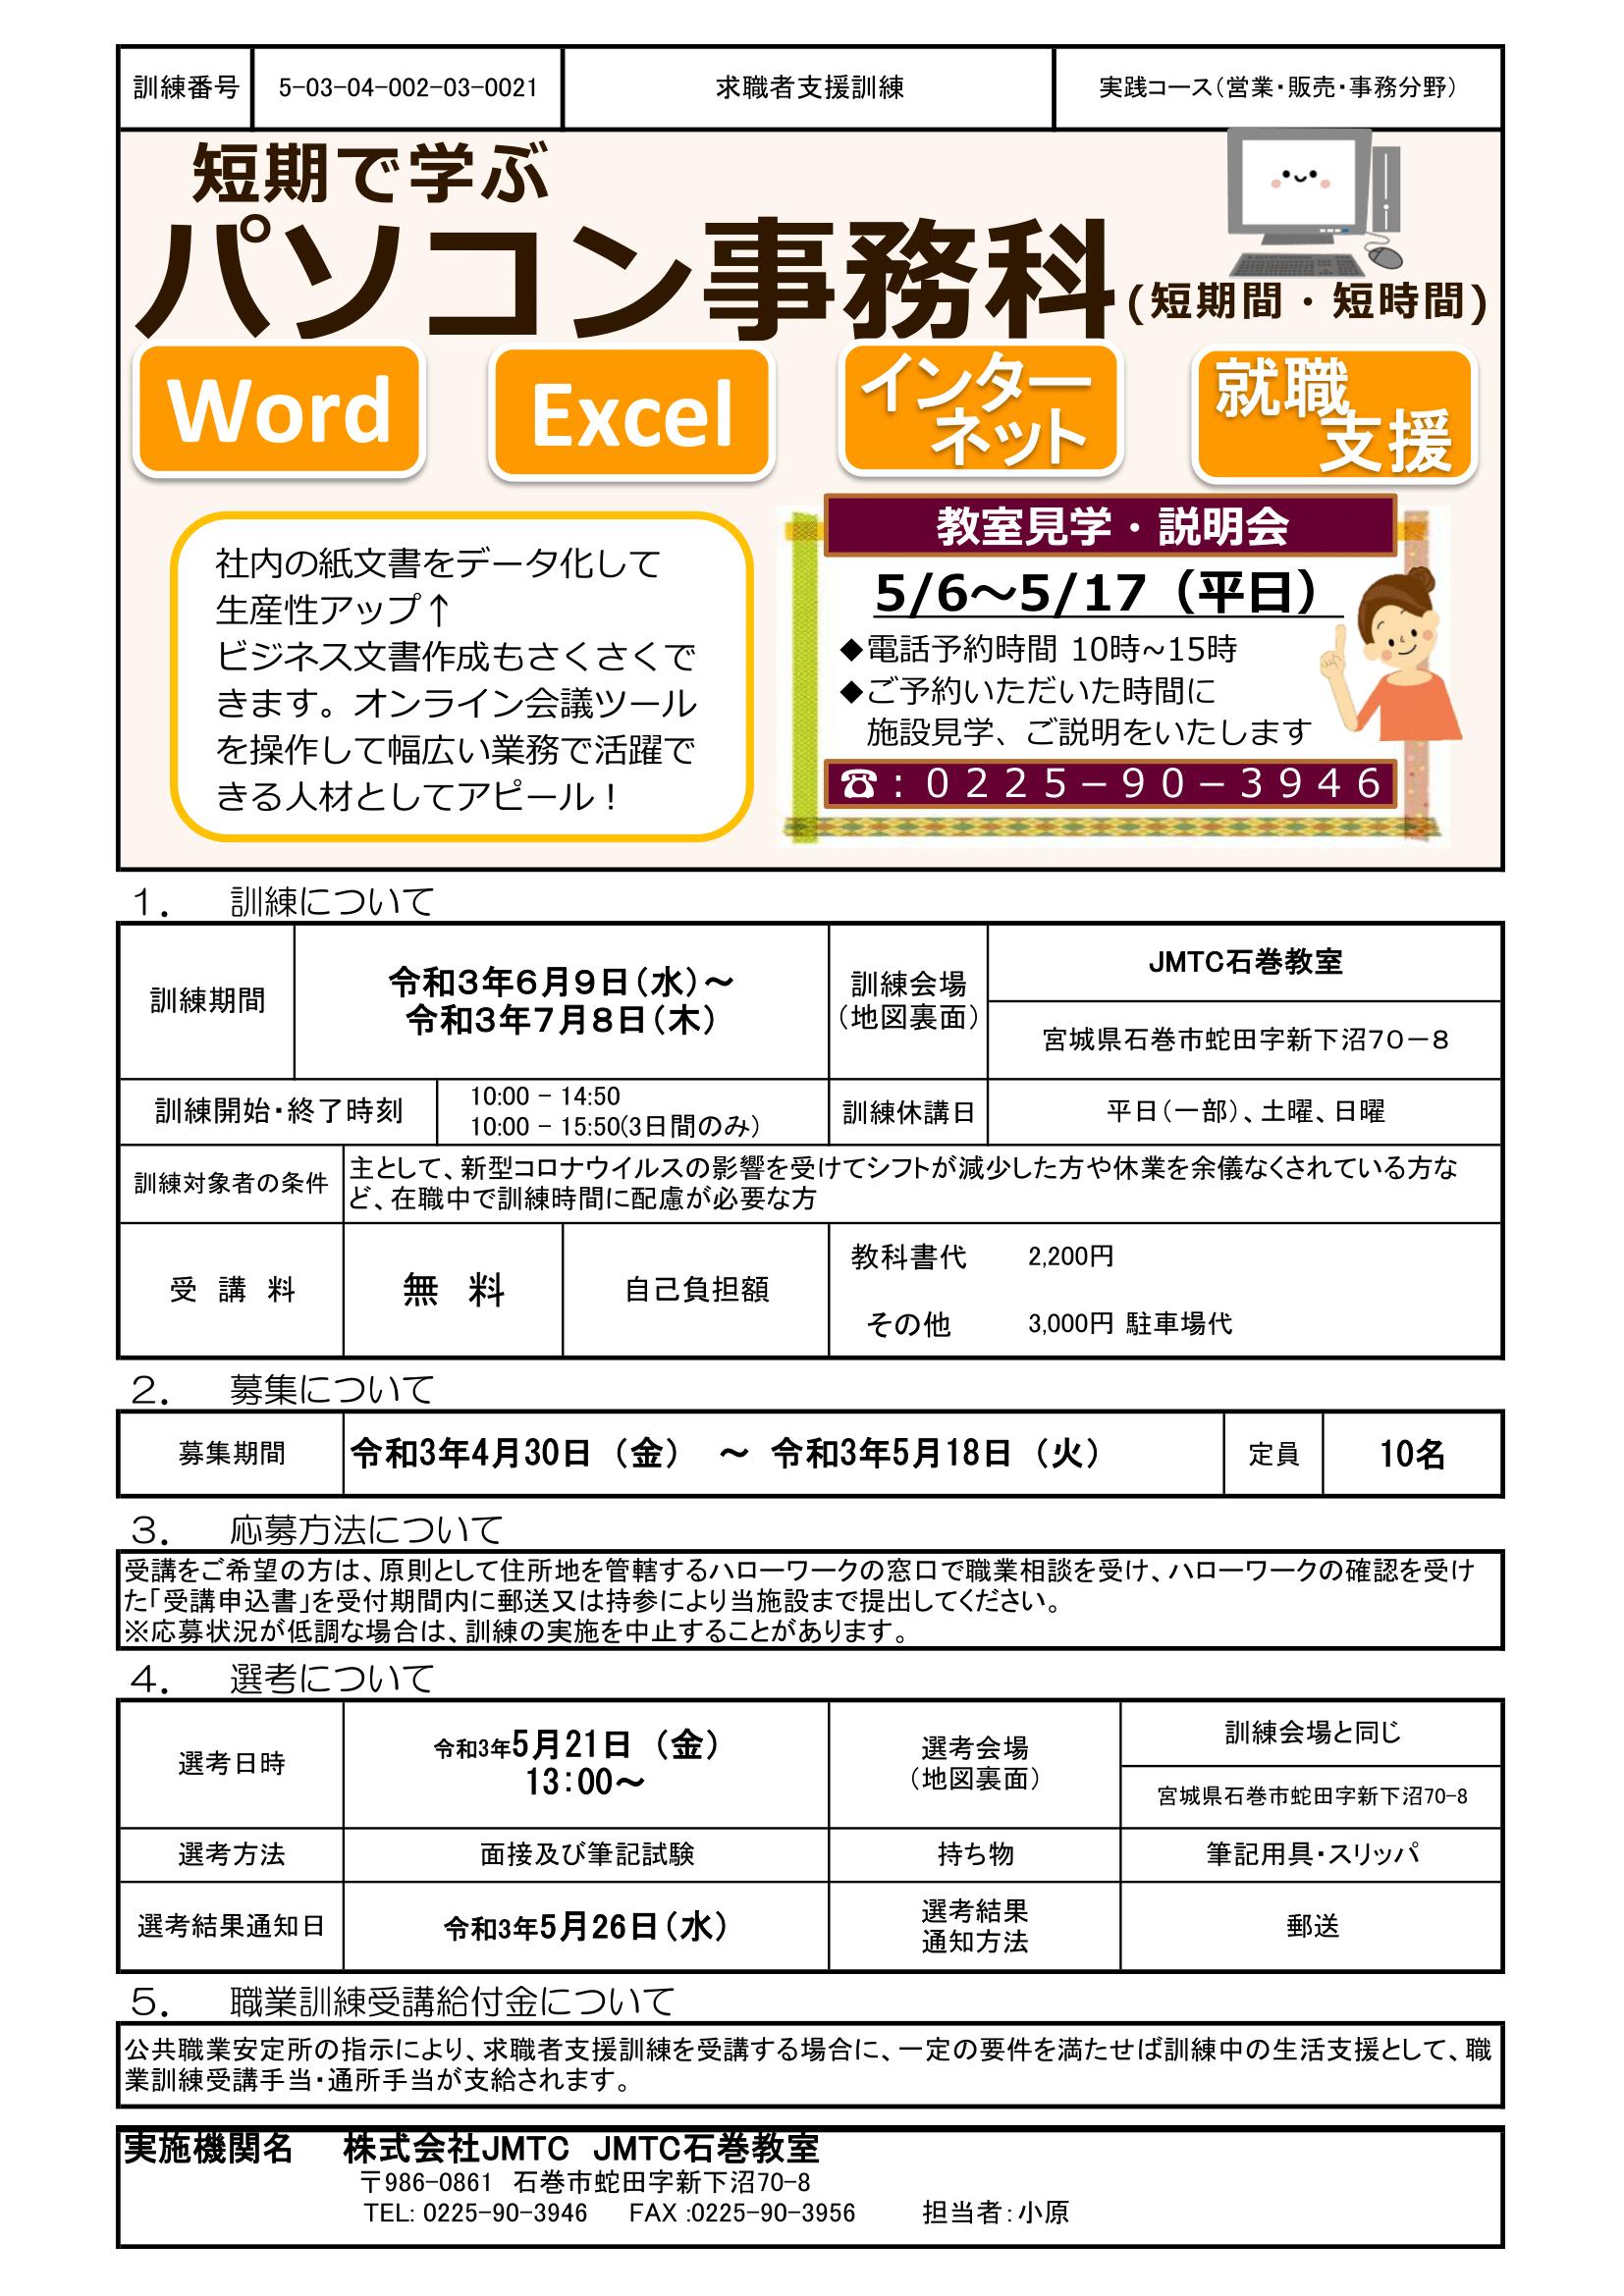 JMTC_パソコン基礎科①チラシ